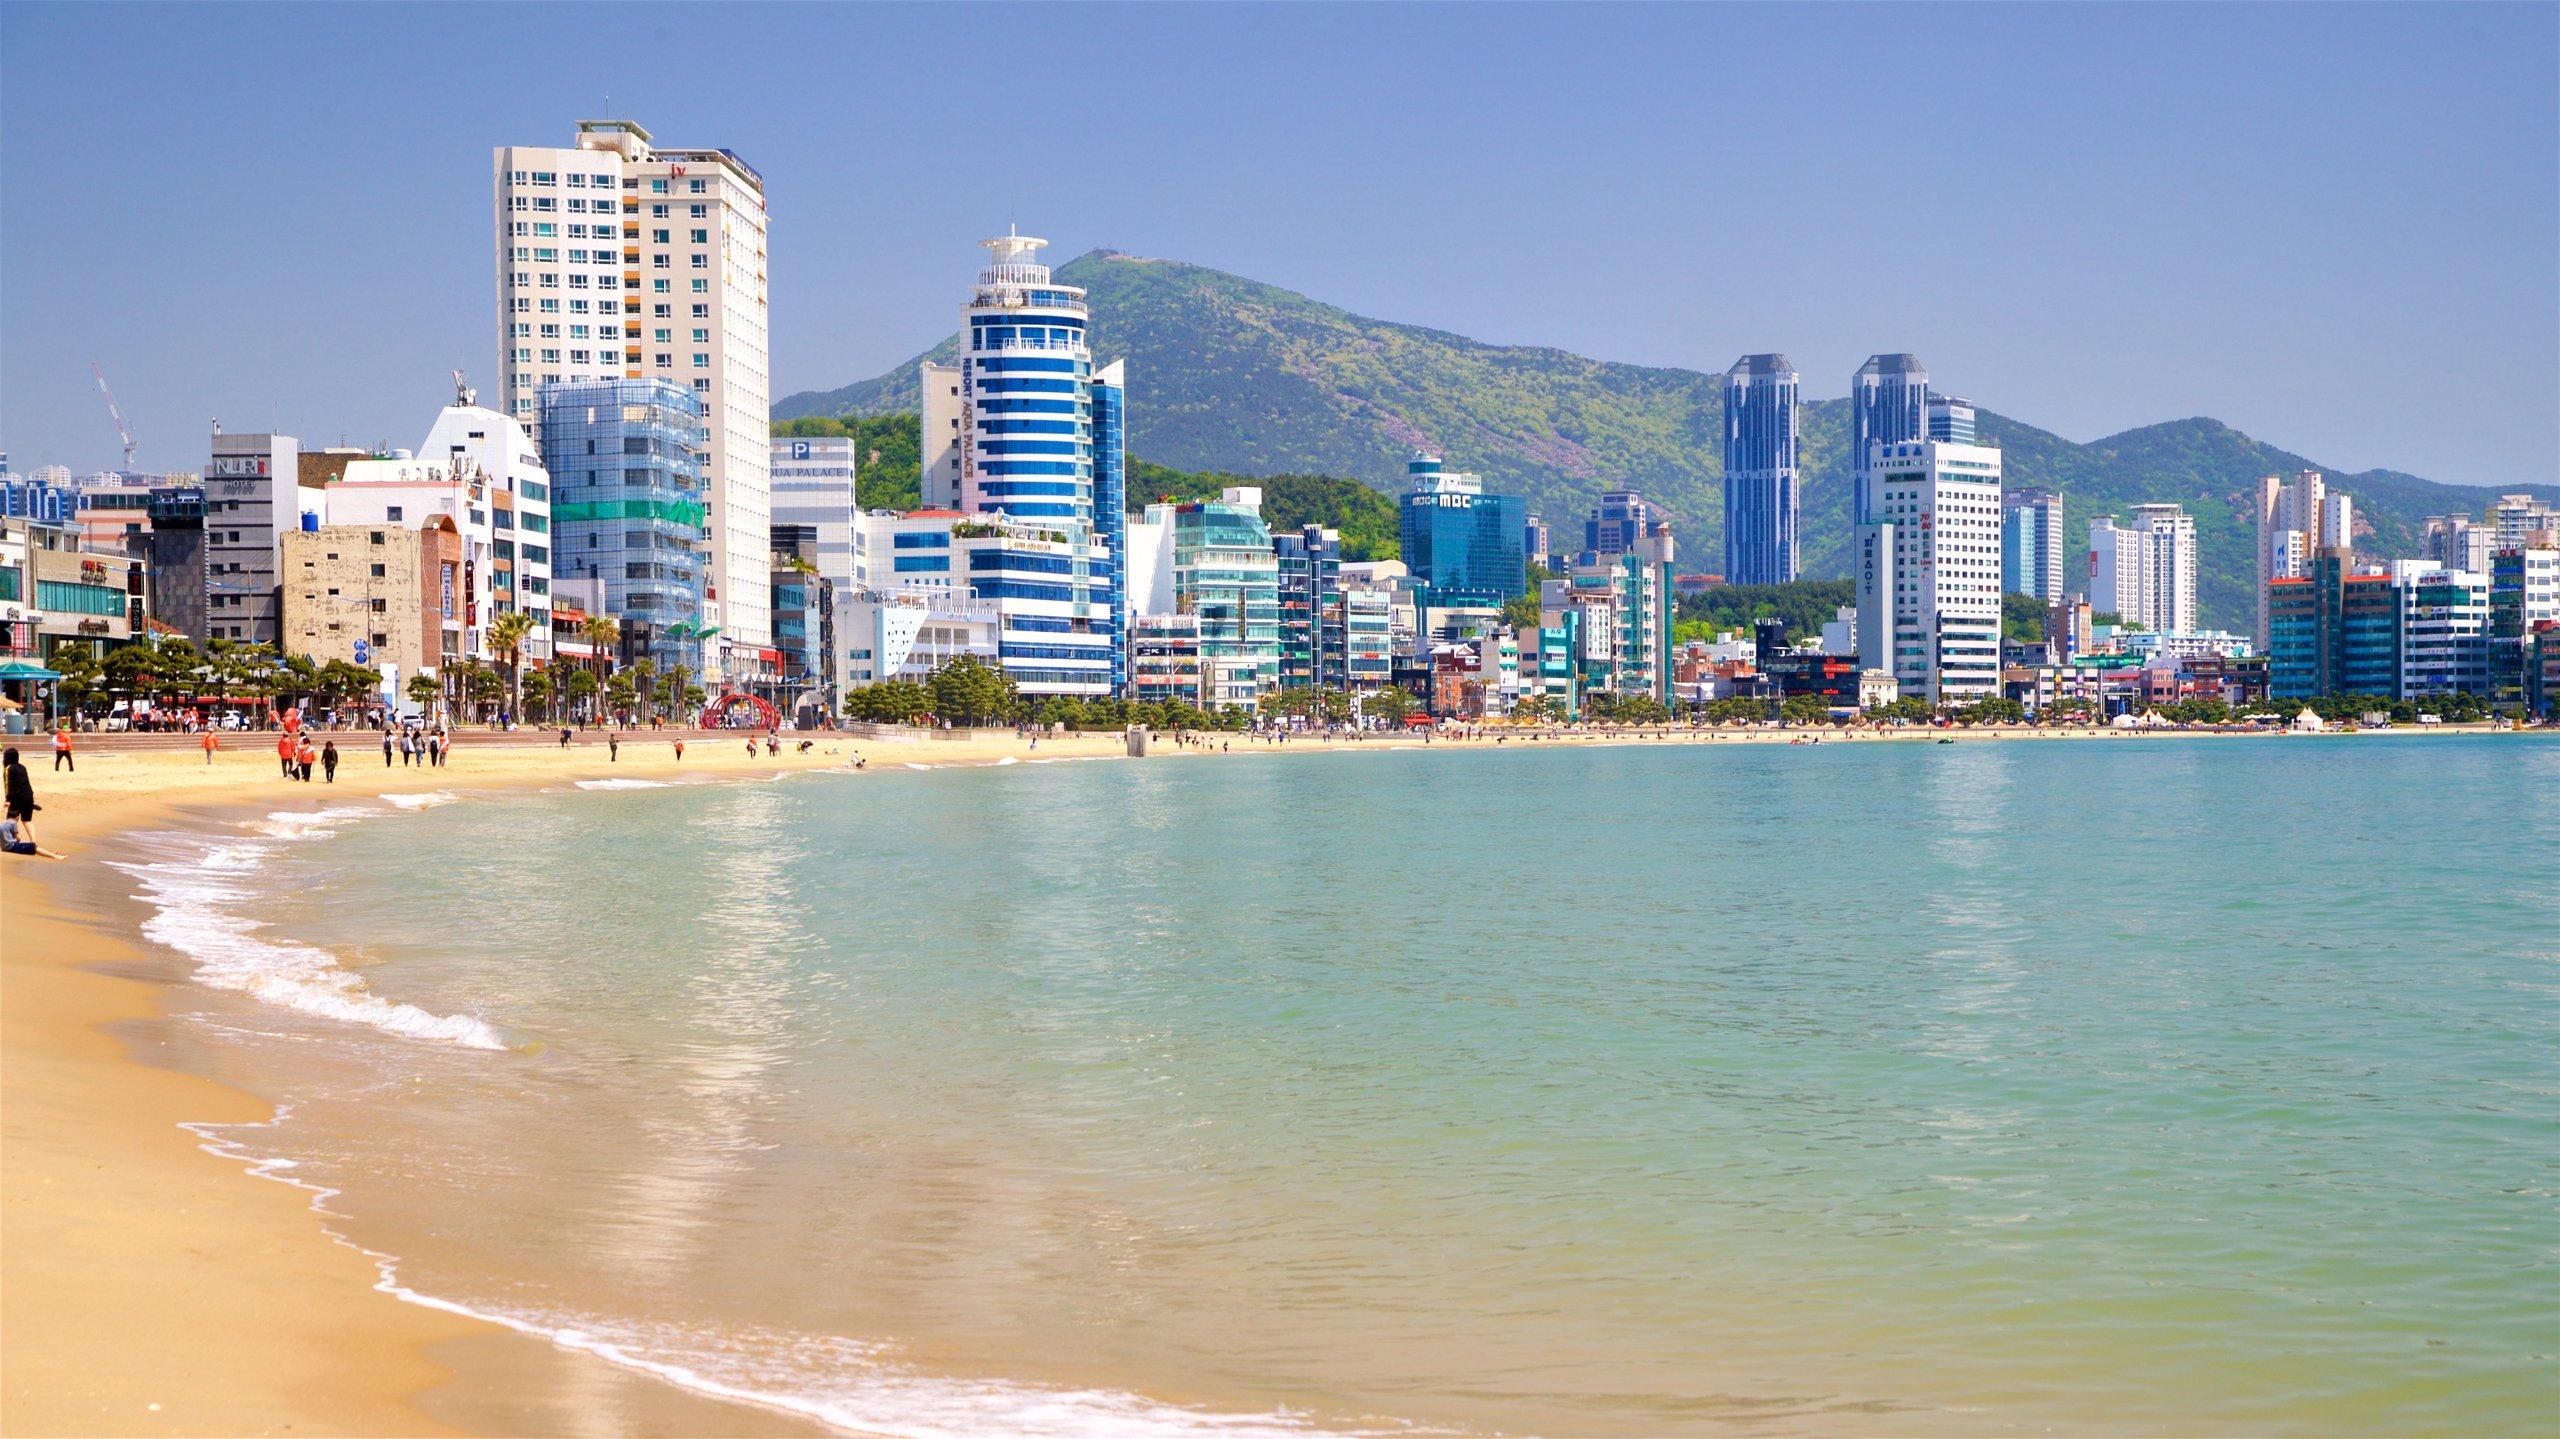 Strand von Gwangalli, Busan, Südkorea